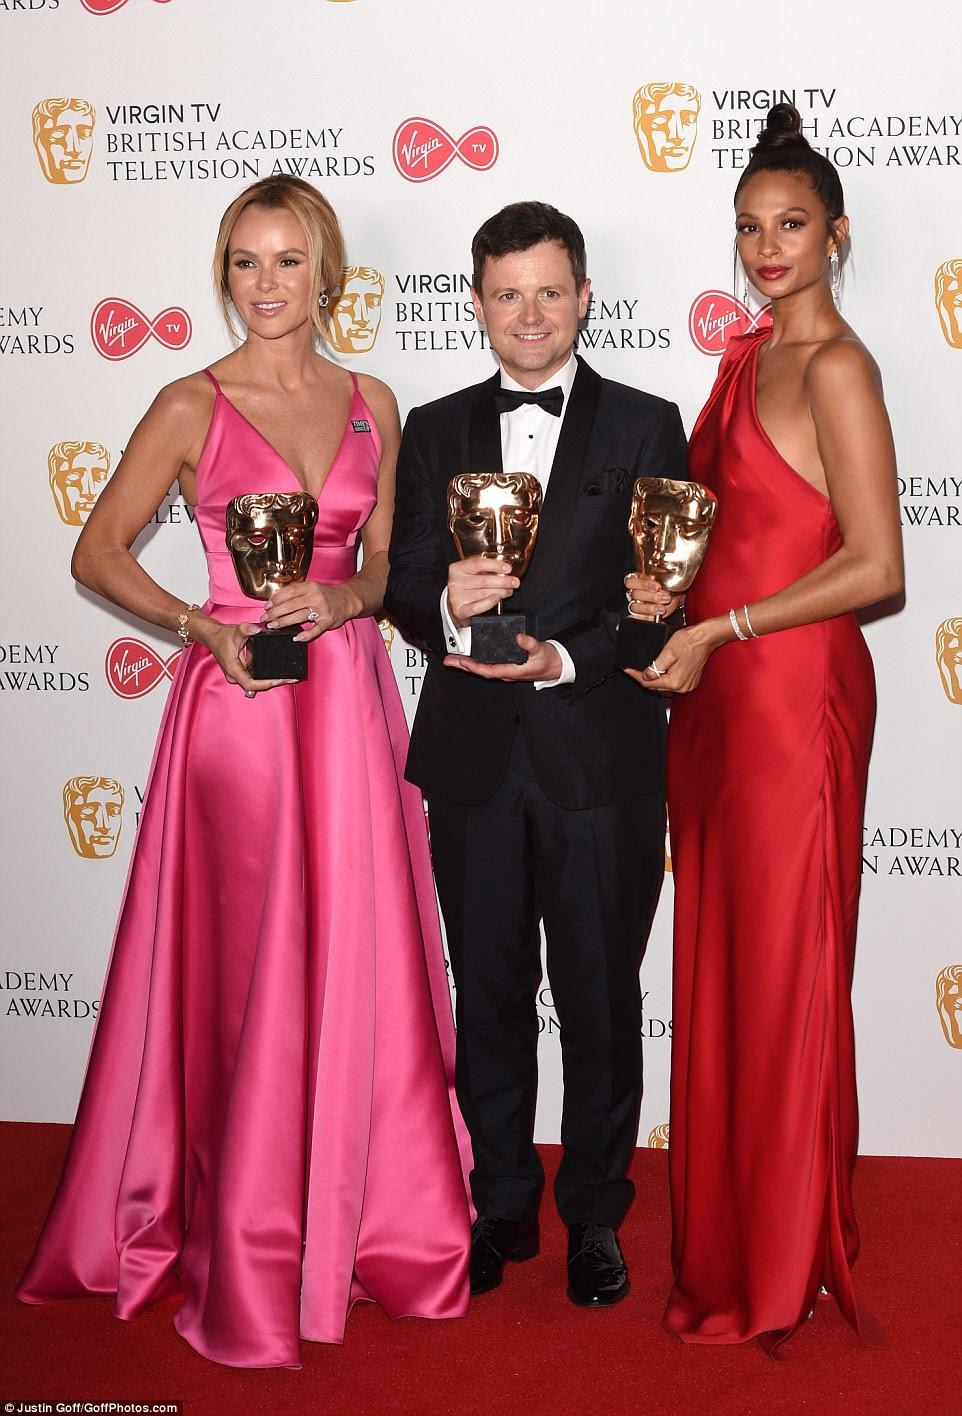 Over the moon: Dezembro juntou-se aos juízes da série ITV Amanda Holden e Alesha Dixon no palco para aceitar o prêmio, mas um dos produtores da série fez o discurso de aceitação